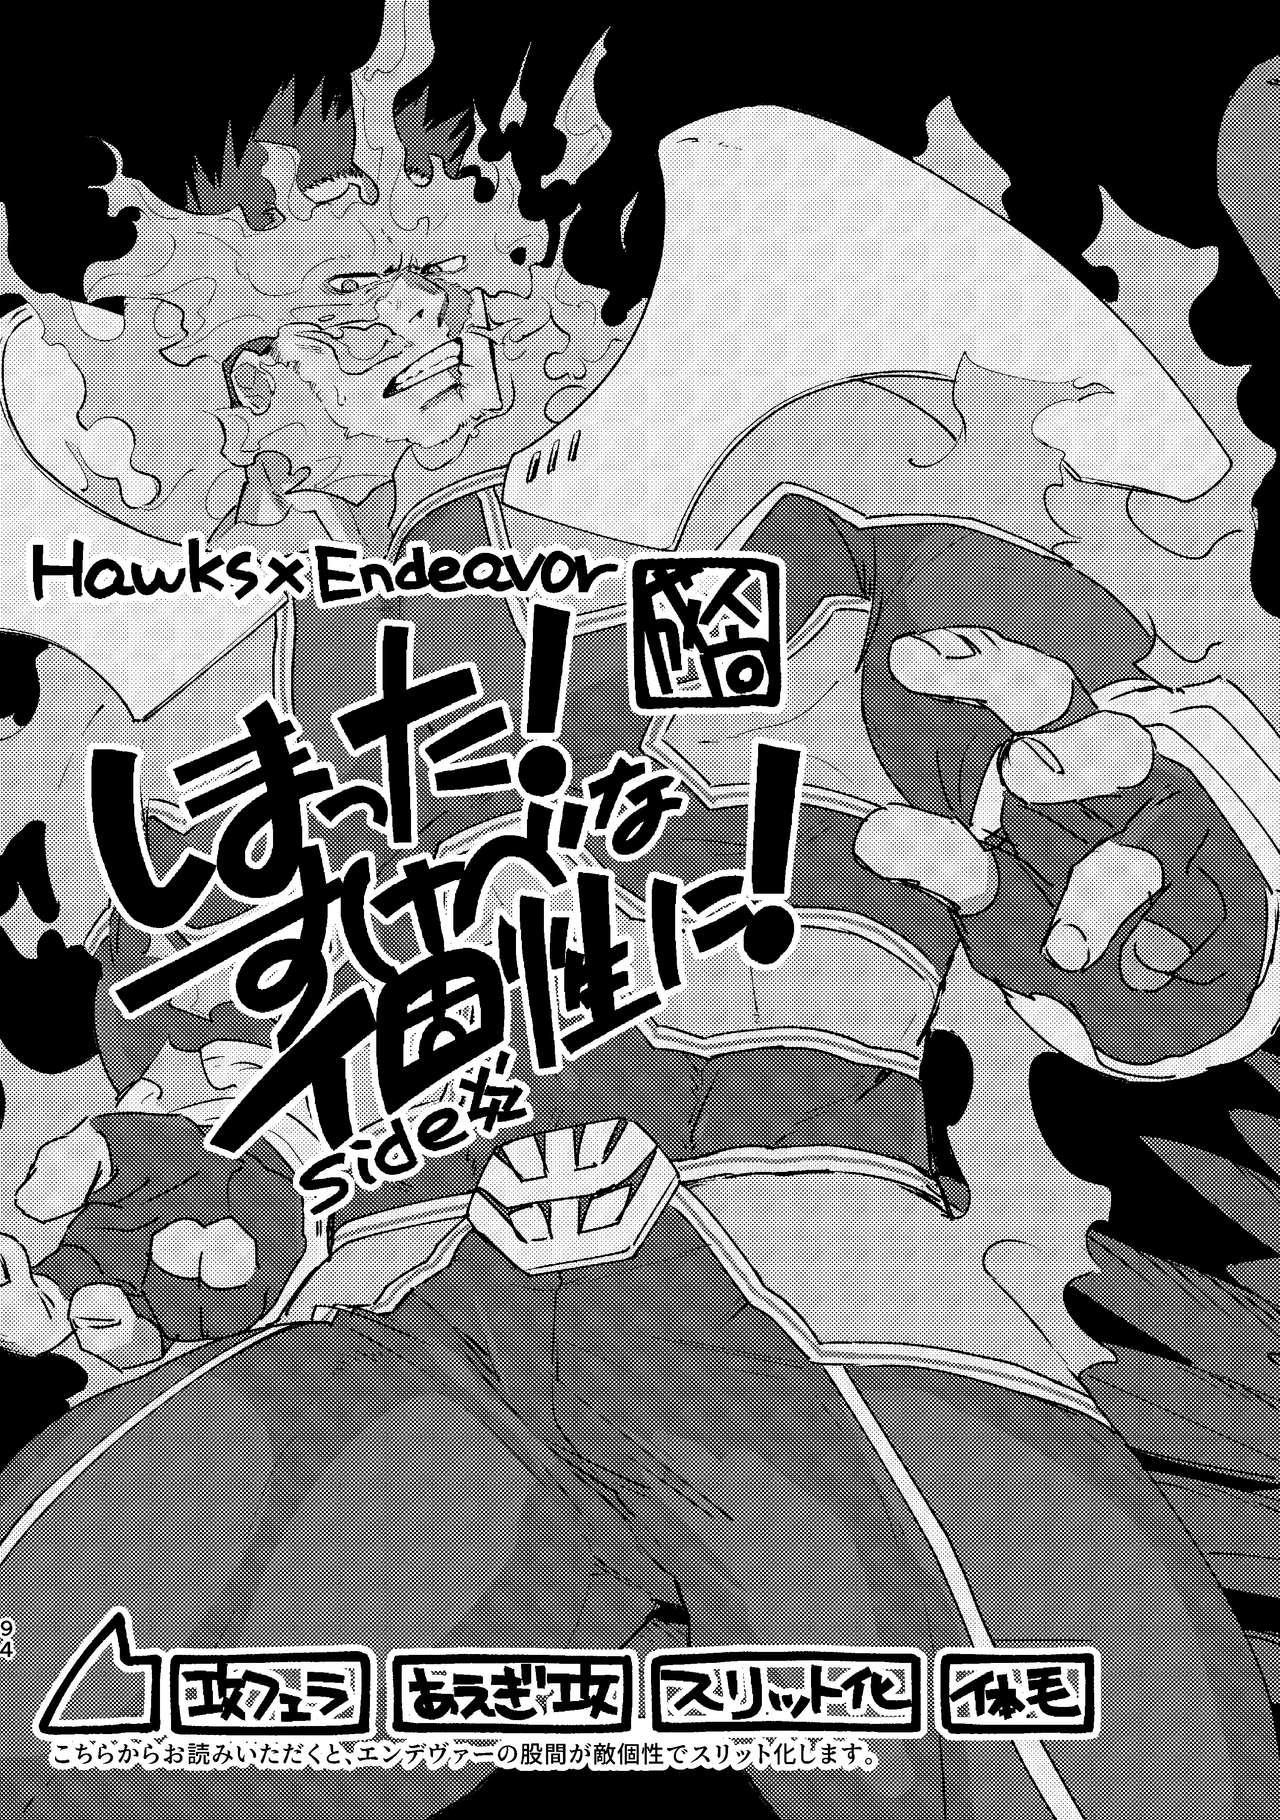 WEB Sairoku Zumi HawEn Manga ga Kami demo Yomeru Hon. 93